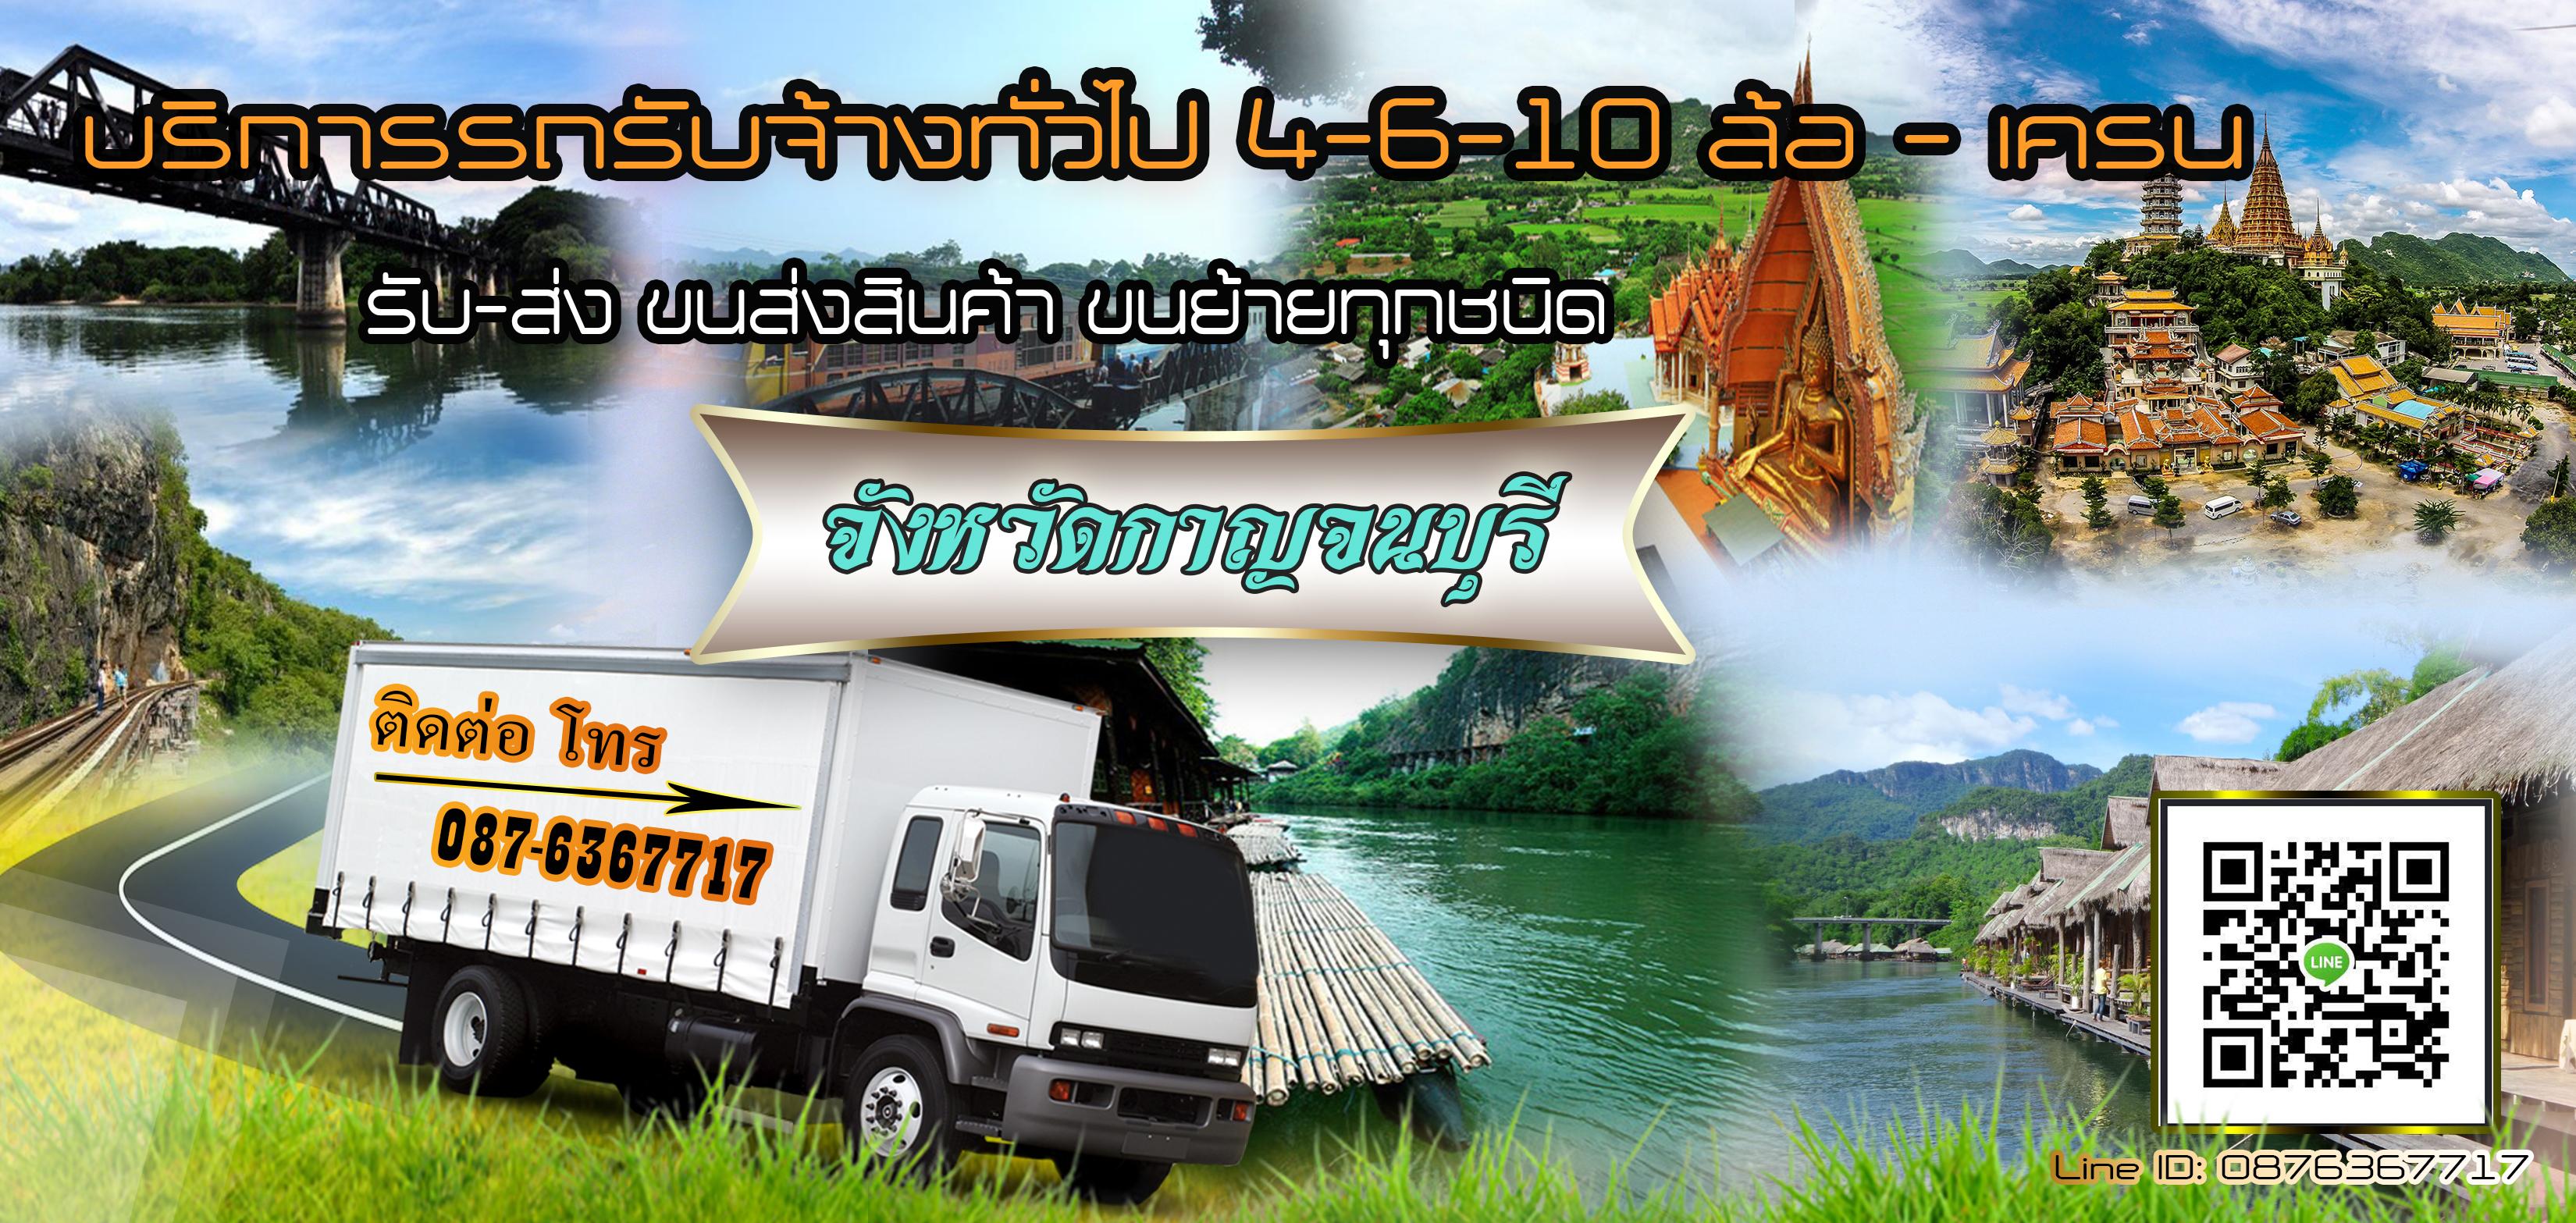 รถรับจ้างจังหวัดกาญจนบุรี